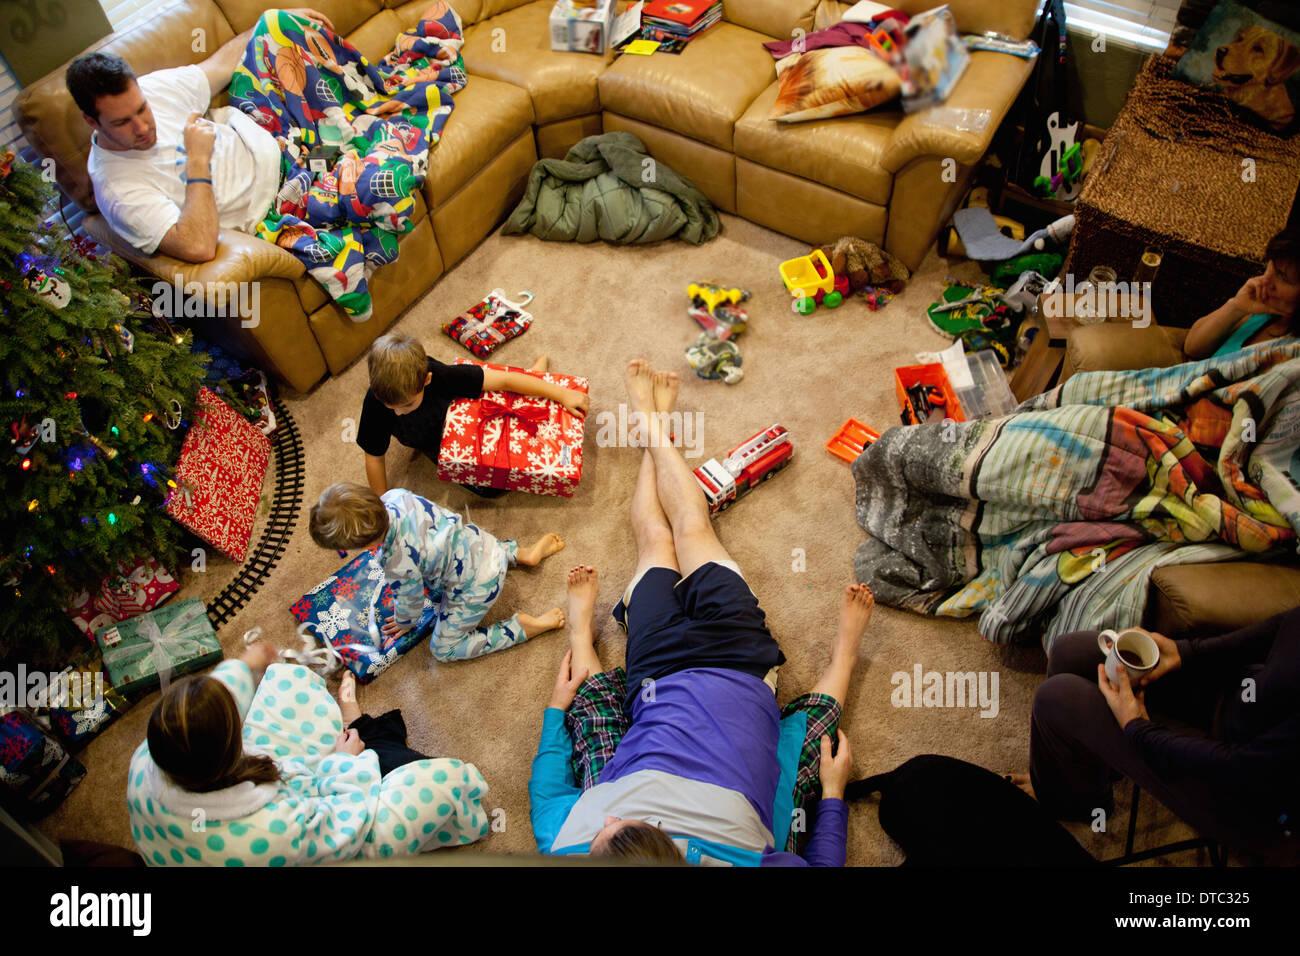 Junge Brüder, die Geschenke an Weihnachten Tag öffnen Stockfoto ...